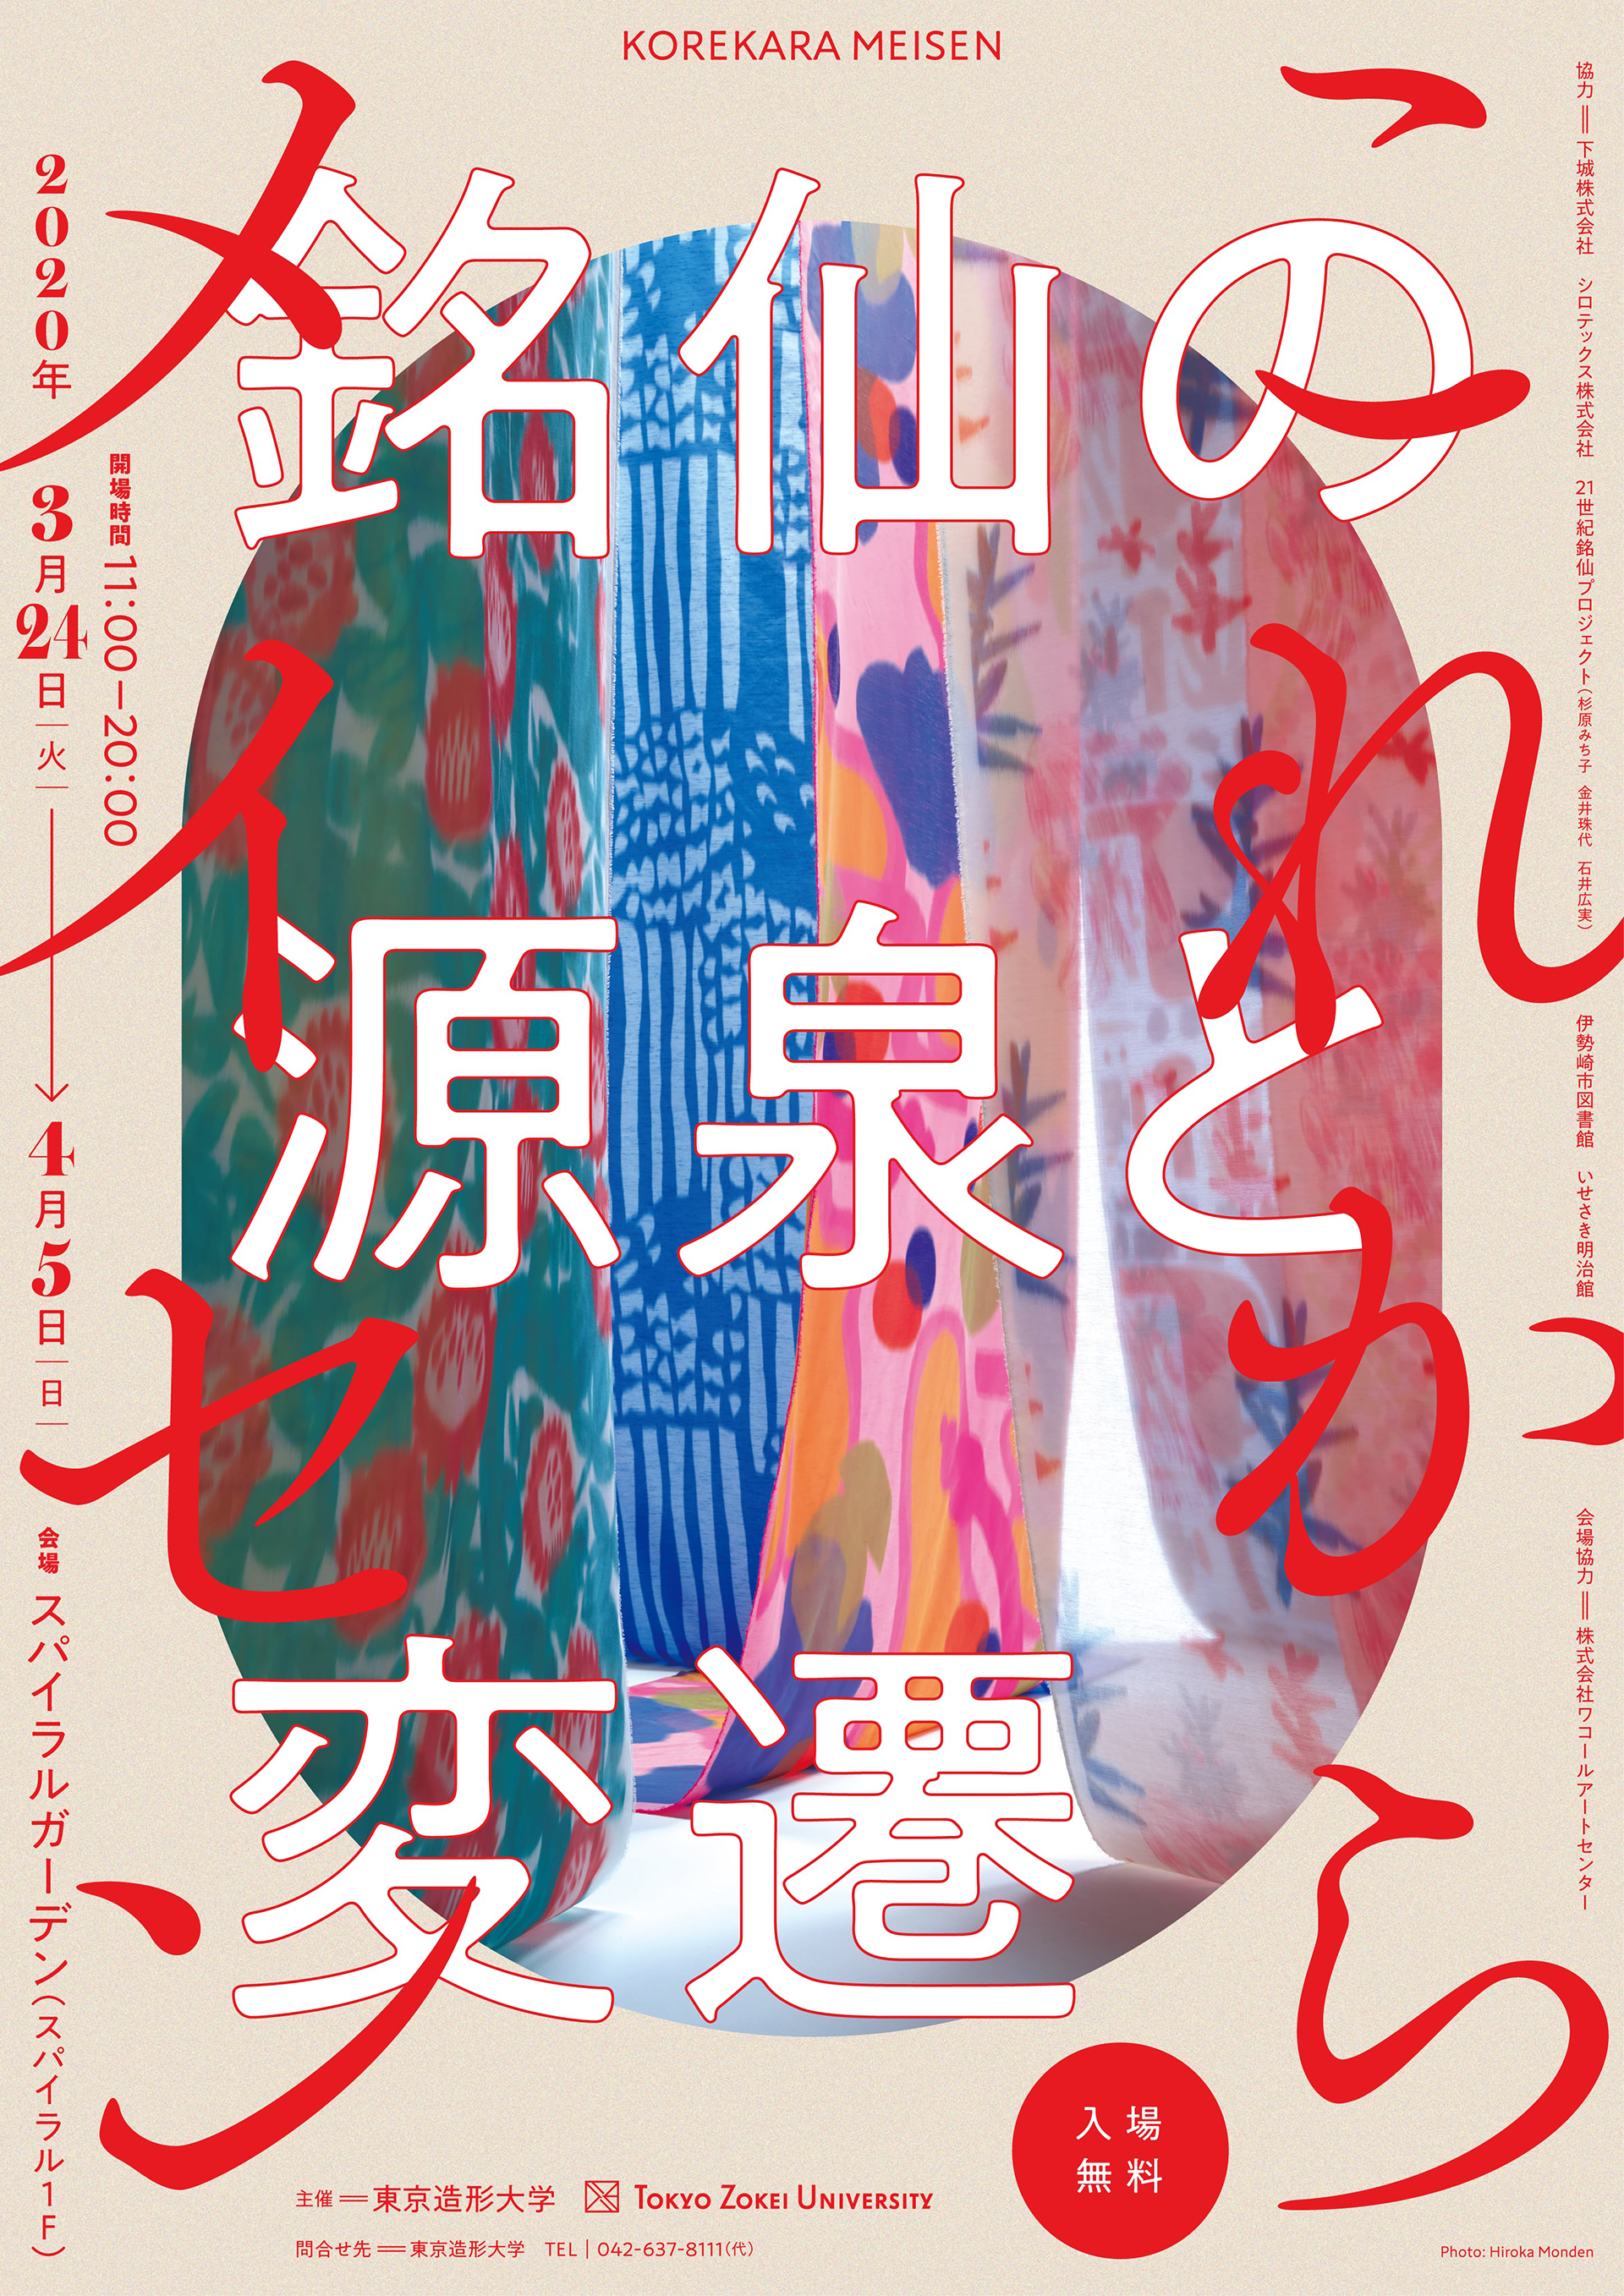 これからメイセン −銘仙の源泉と変遷−・メインポスター